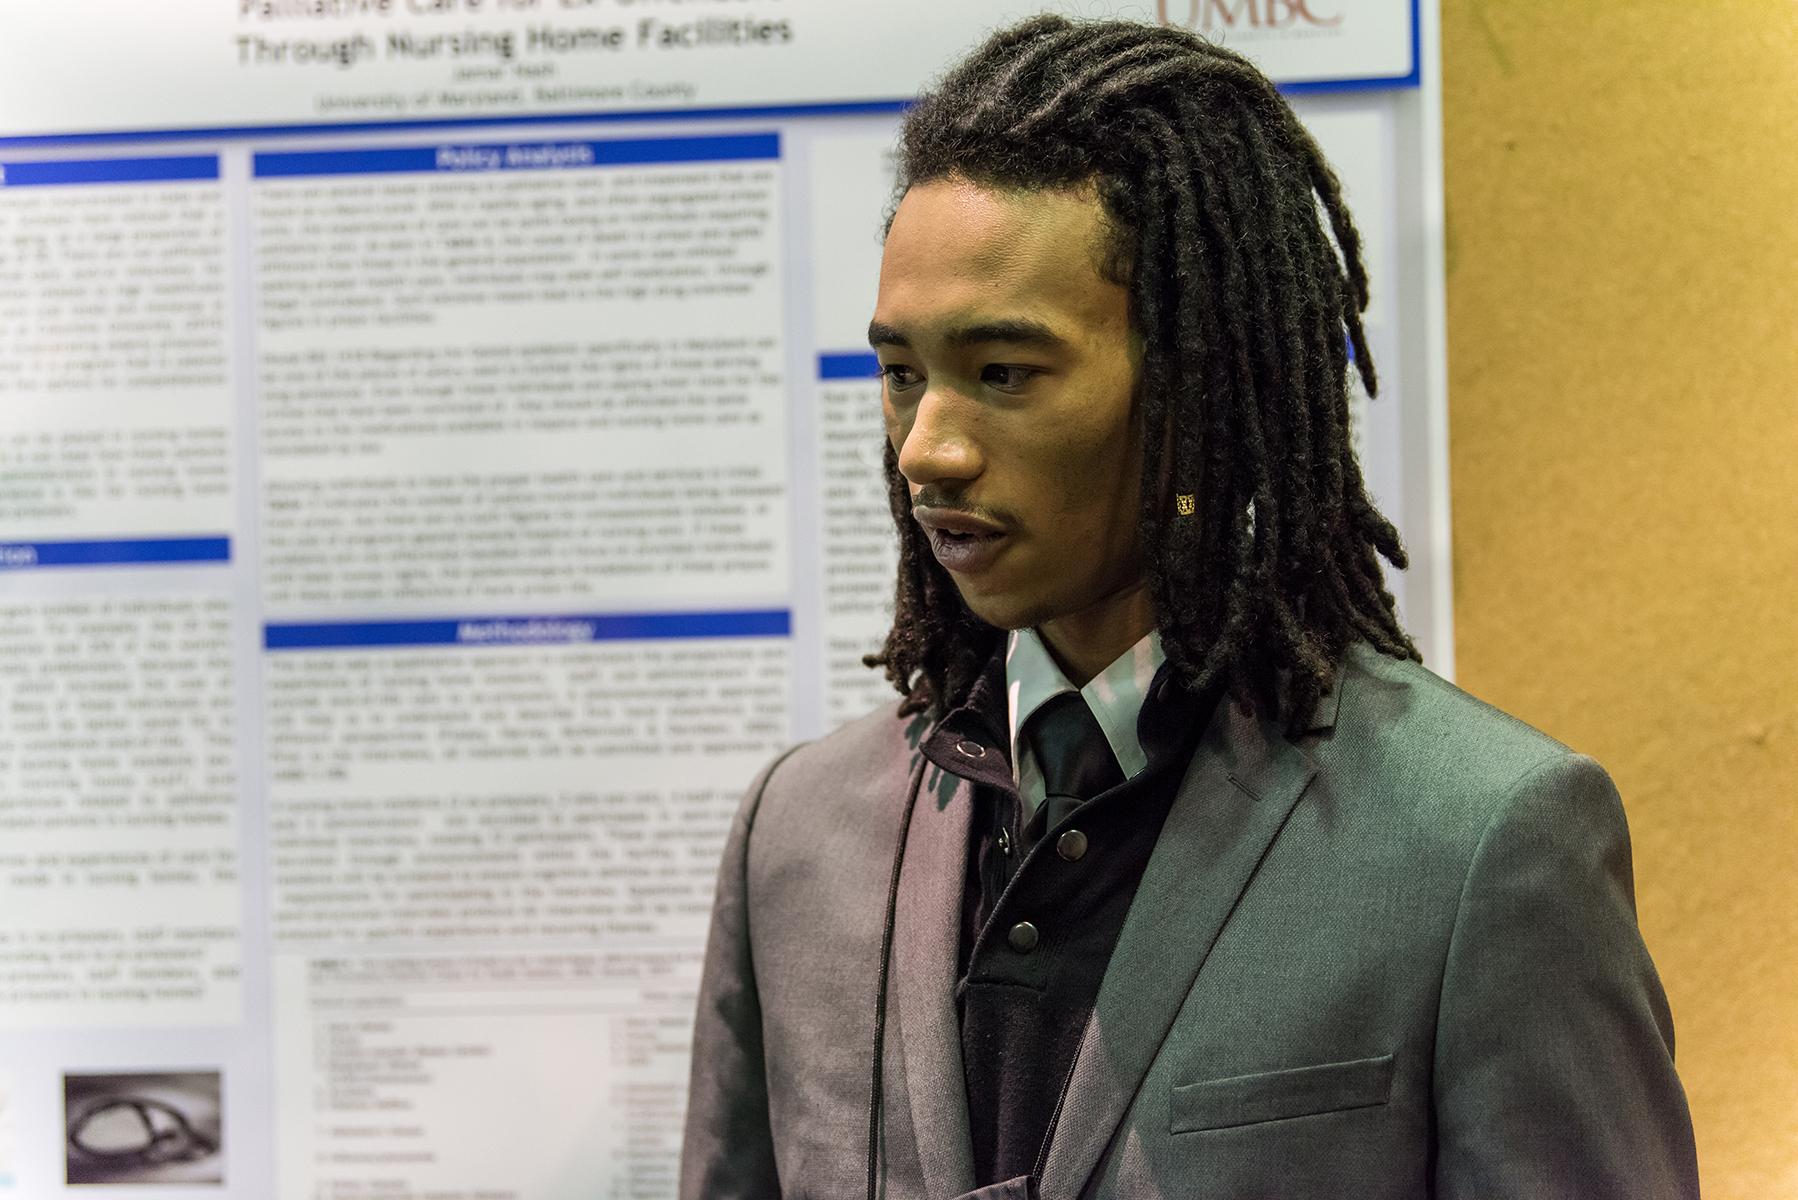 Jamar Nash presents findings for URCAD